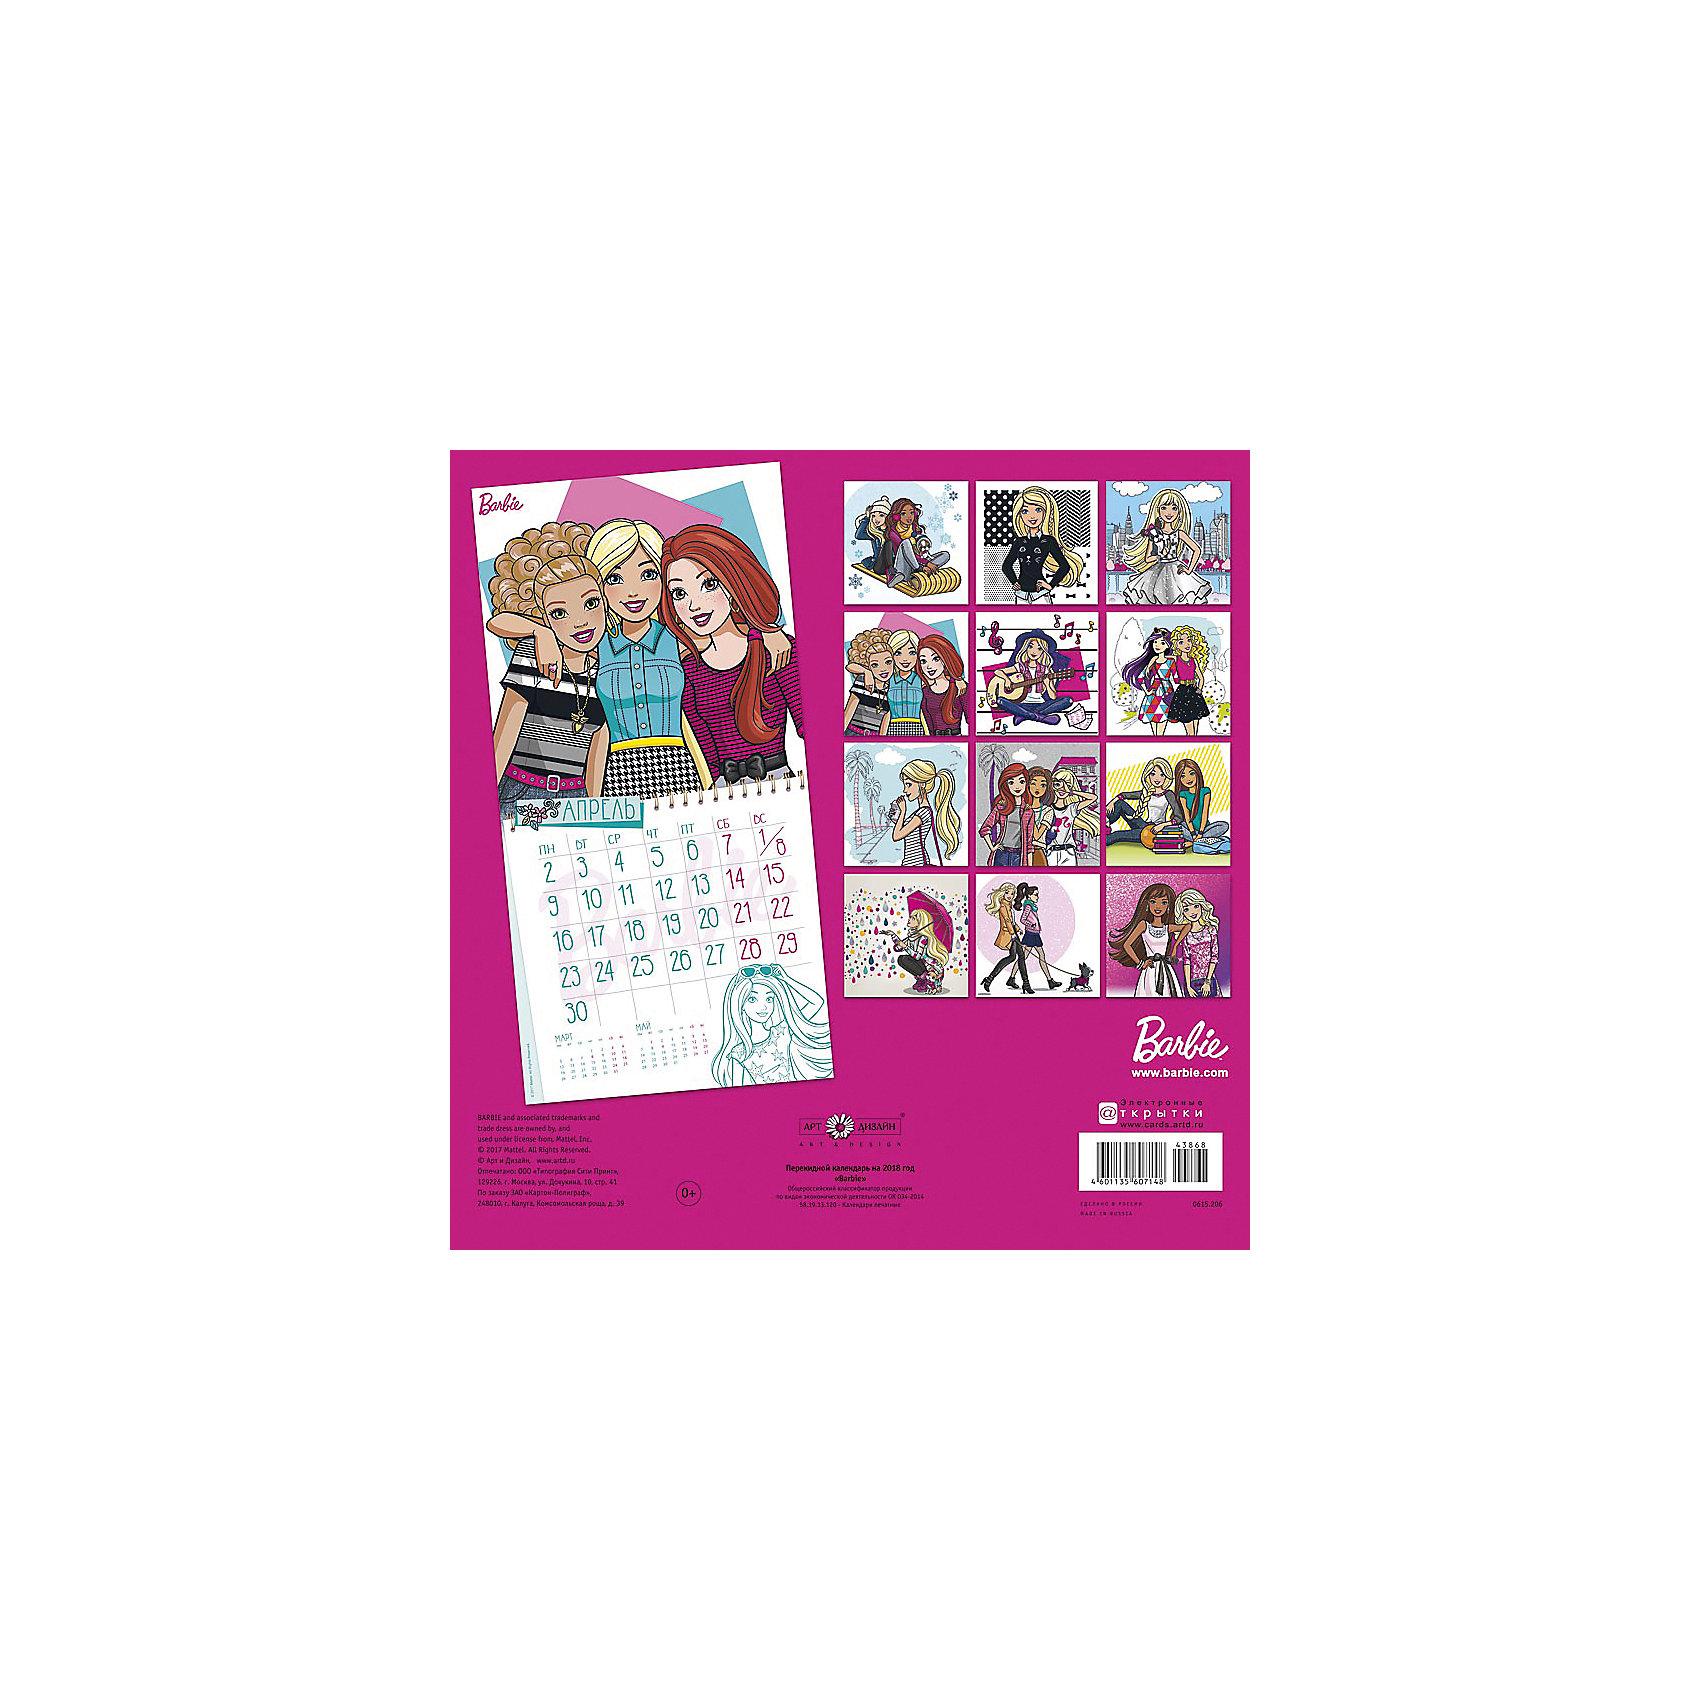 """Настенный календарь Арт Дизайн """"Barbie"""" 2018 год, перекидной от myToys"""